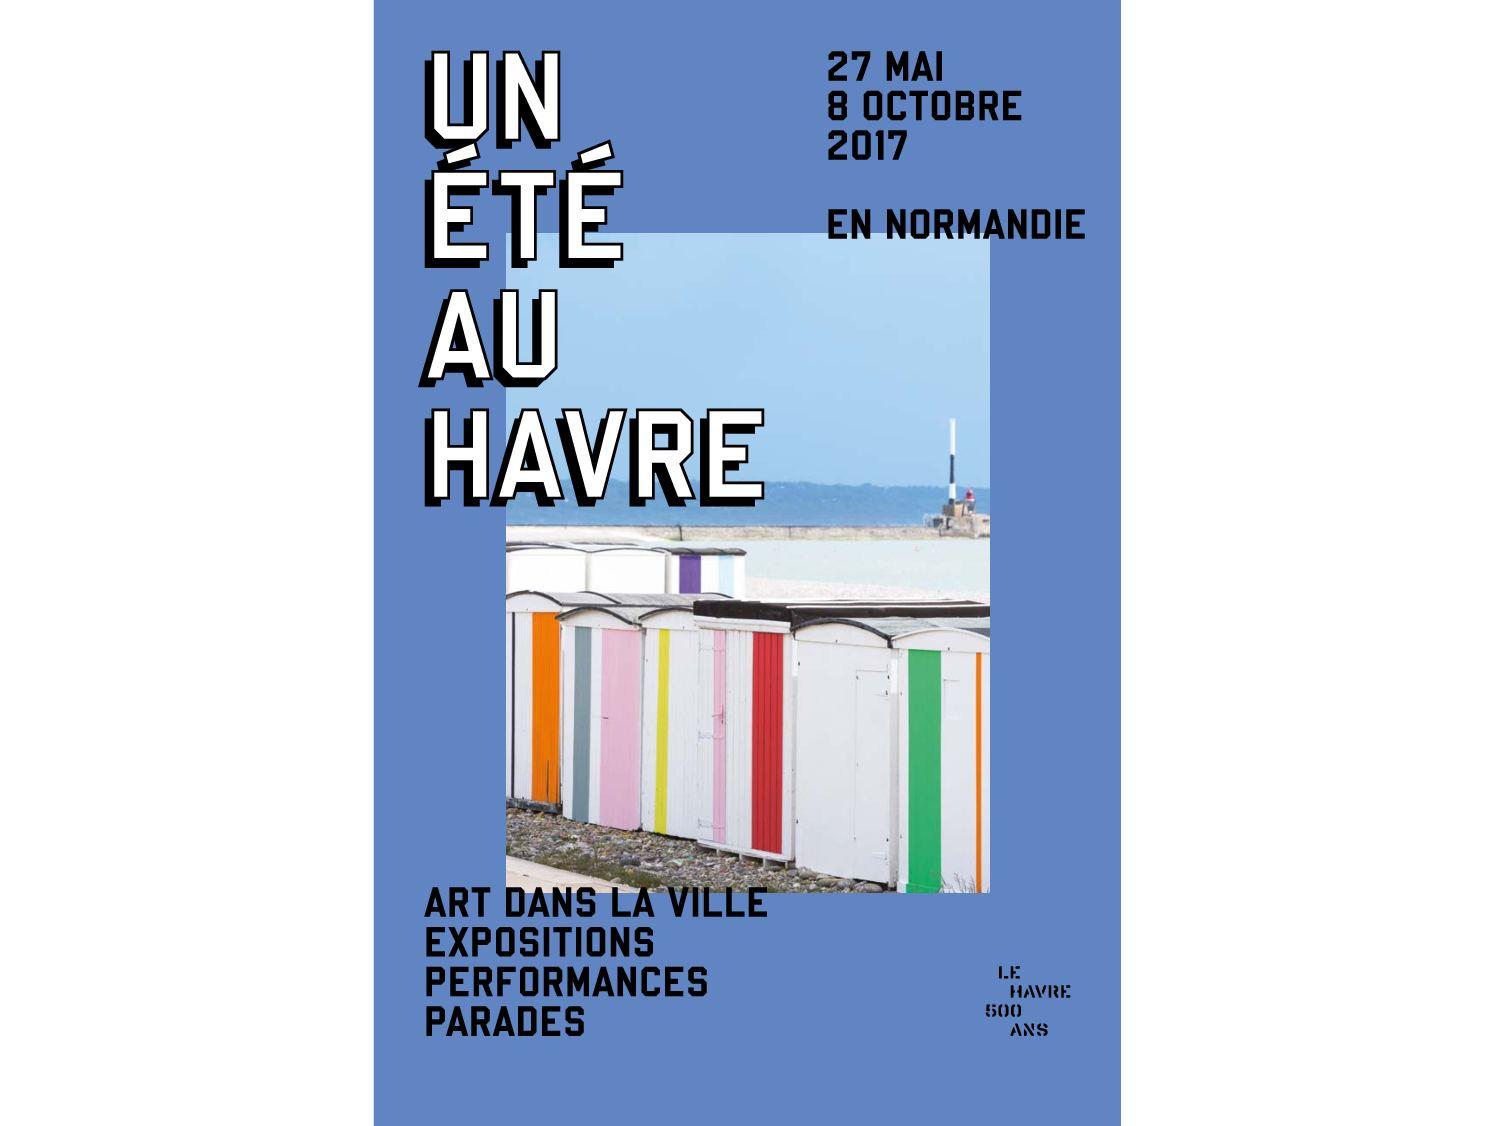 Mobalpa Le Havre concernant calaméo - guide un Été au havre 2.0